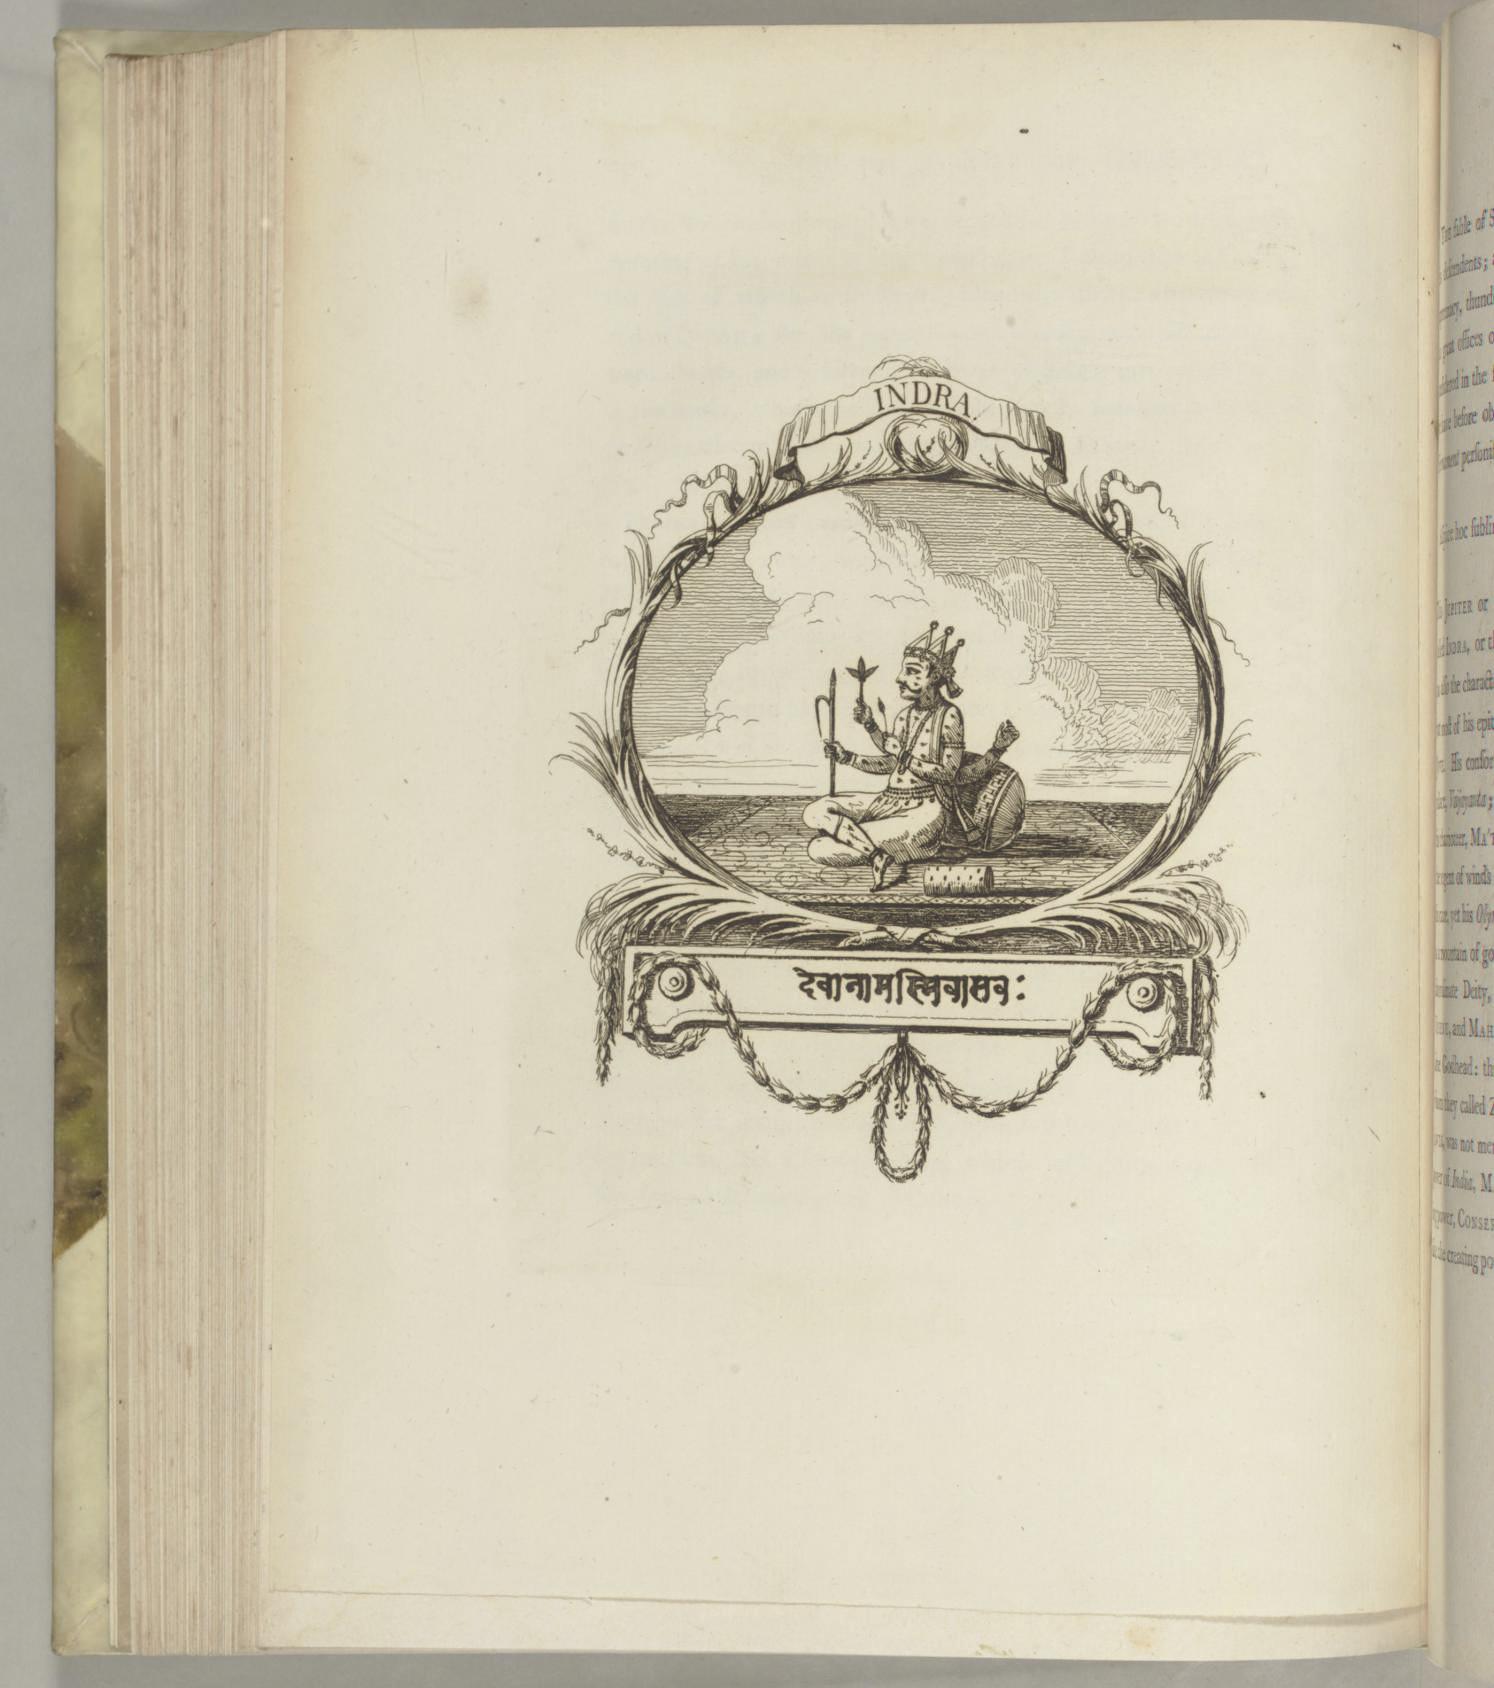 JONES, William (1746-1794).